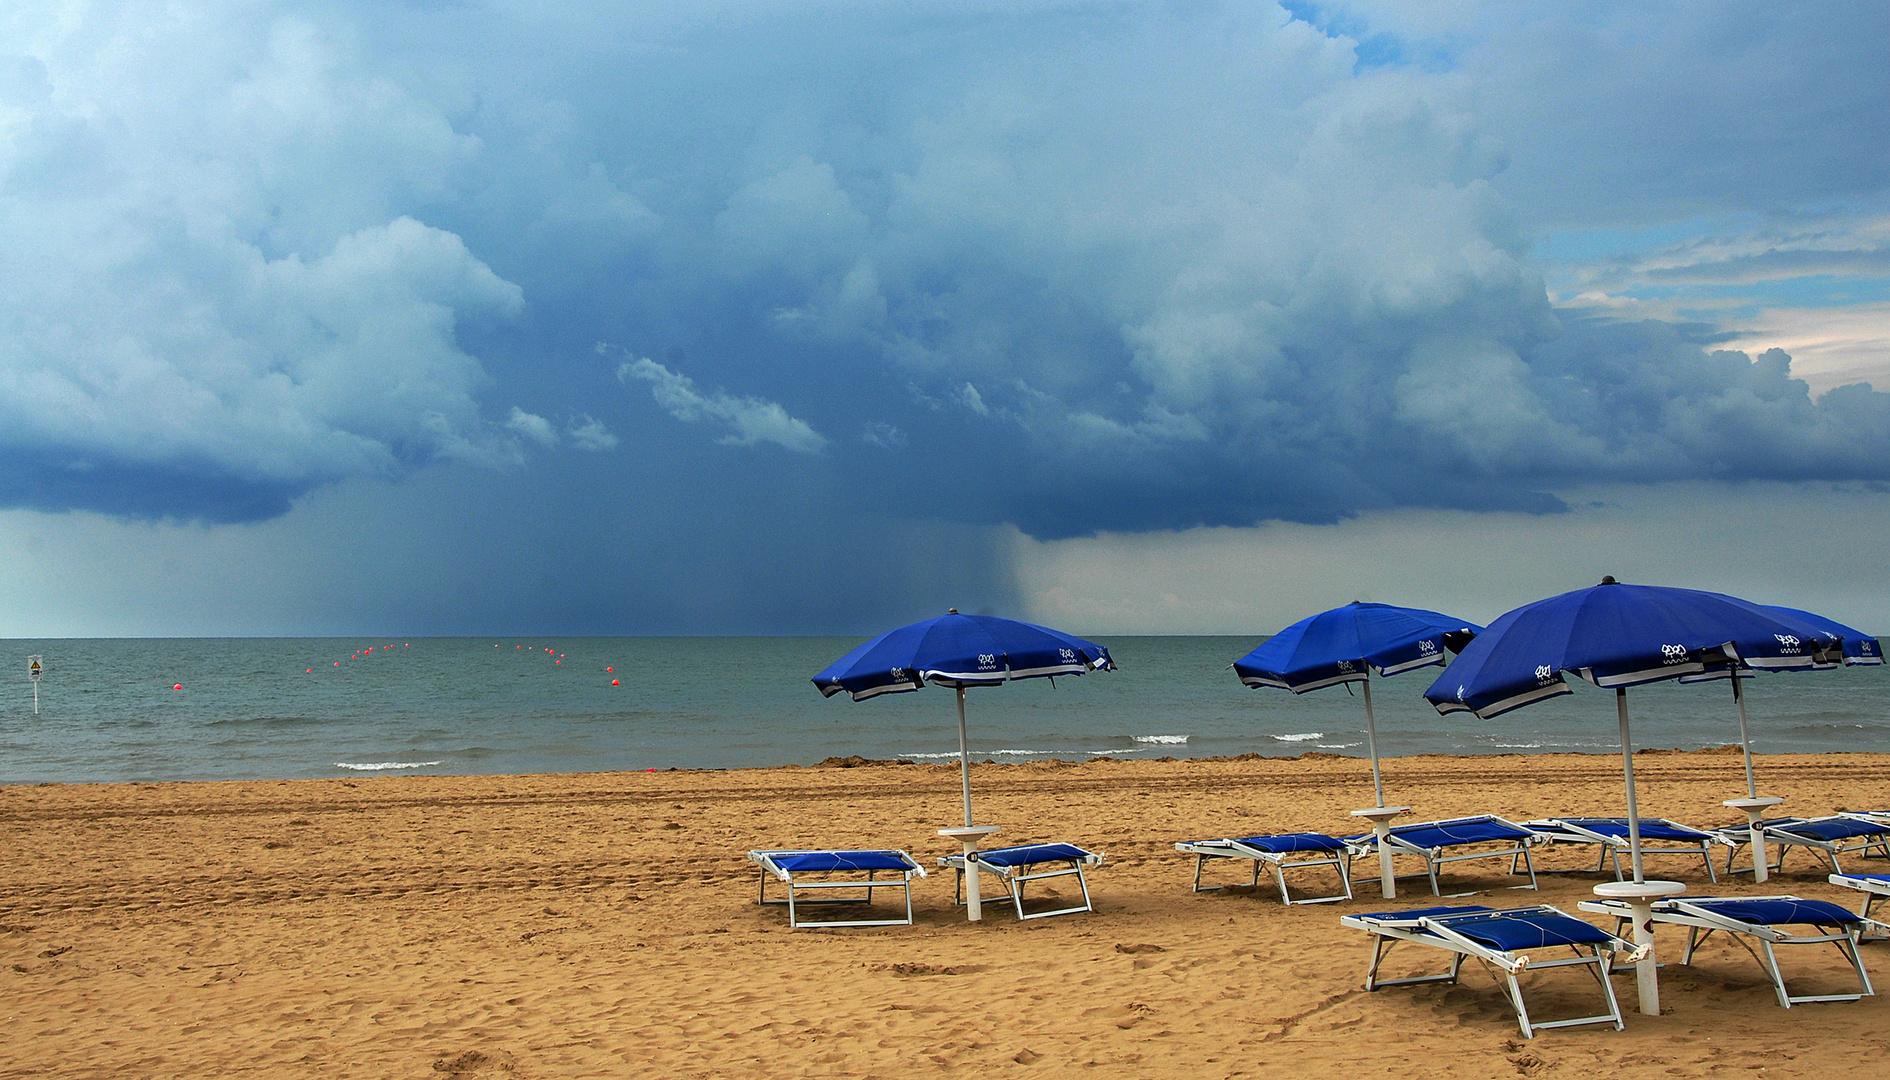 on the beach 12, Sturm über der Adria